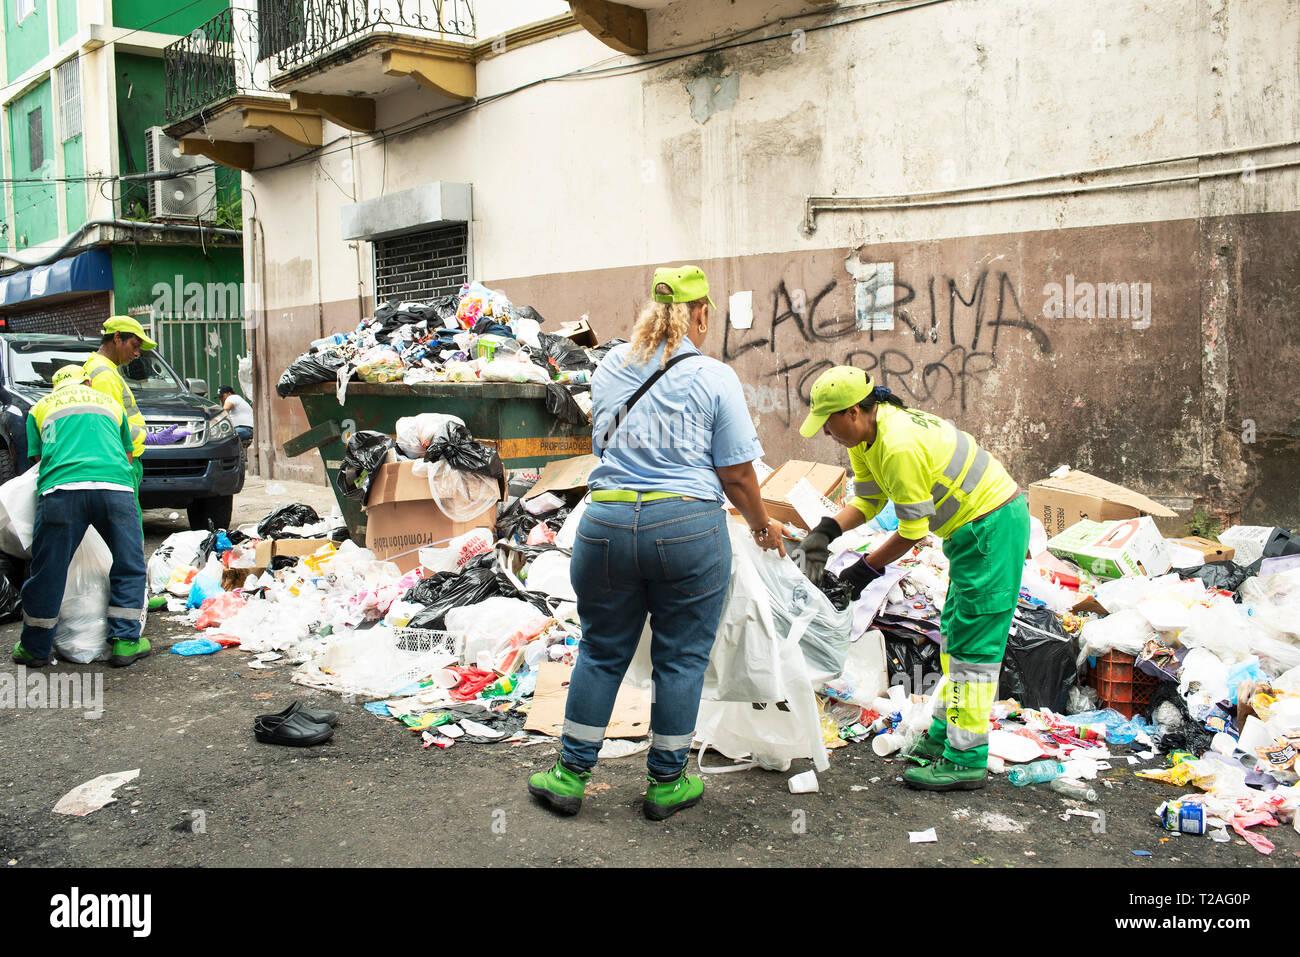 Traboccante di garbage / plastica spazzatura per le strade della città di Panama. Gestione dei rifiuti rimane la più grande sfida nella capitale. Panama, Ott 2018 Immagini Stock